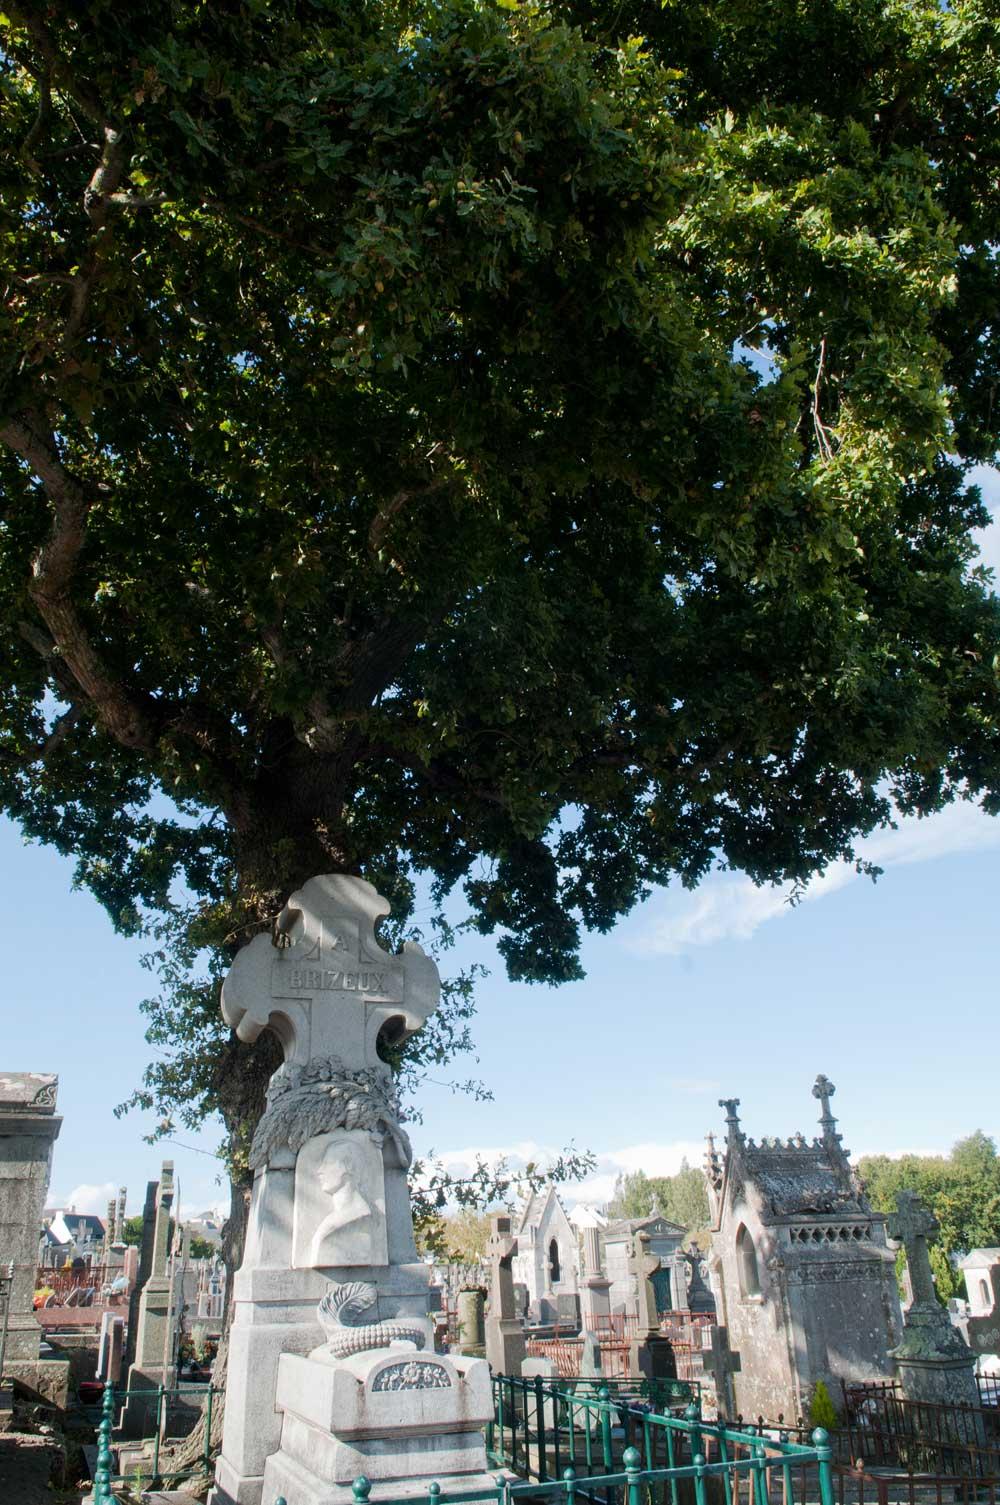 La tombe d'Auguste Brizeux au cimetière de Carnel